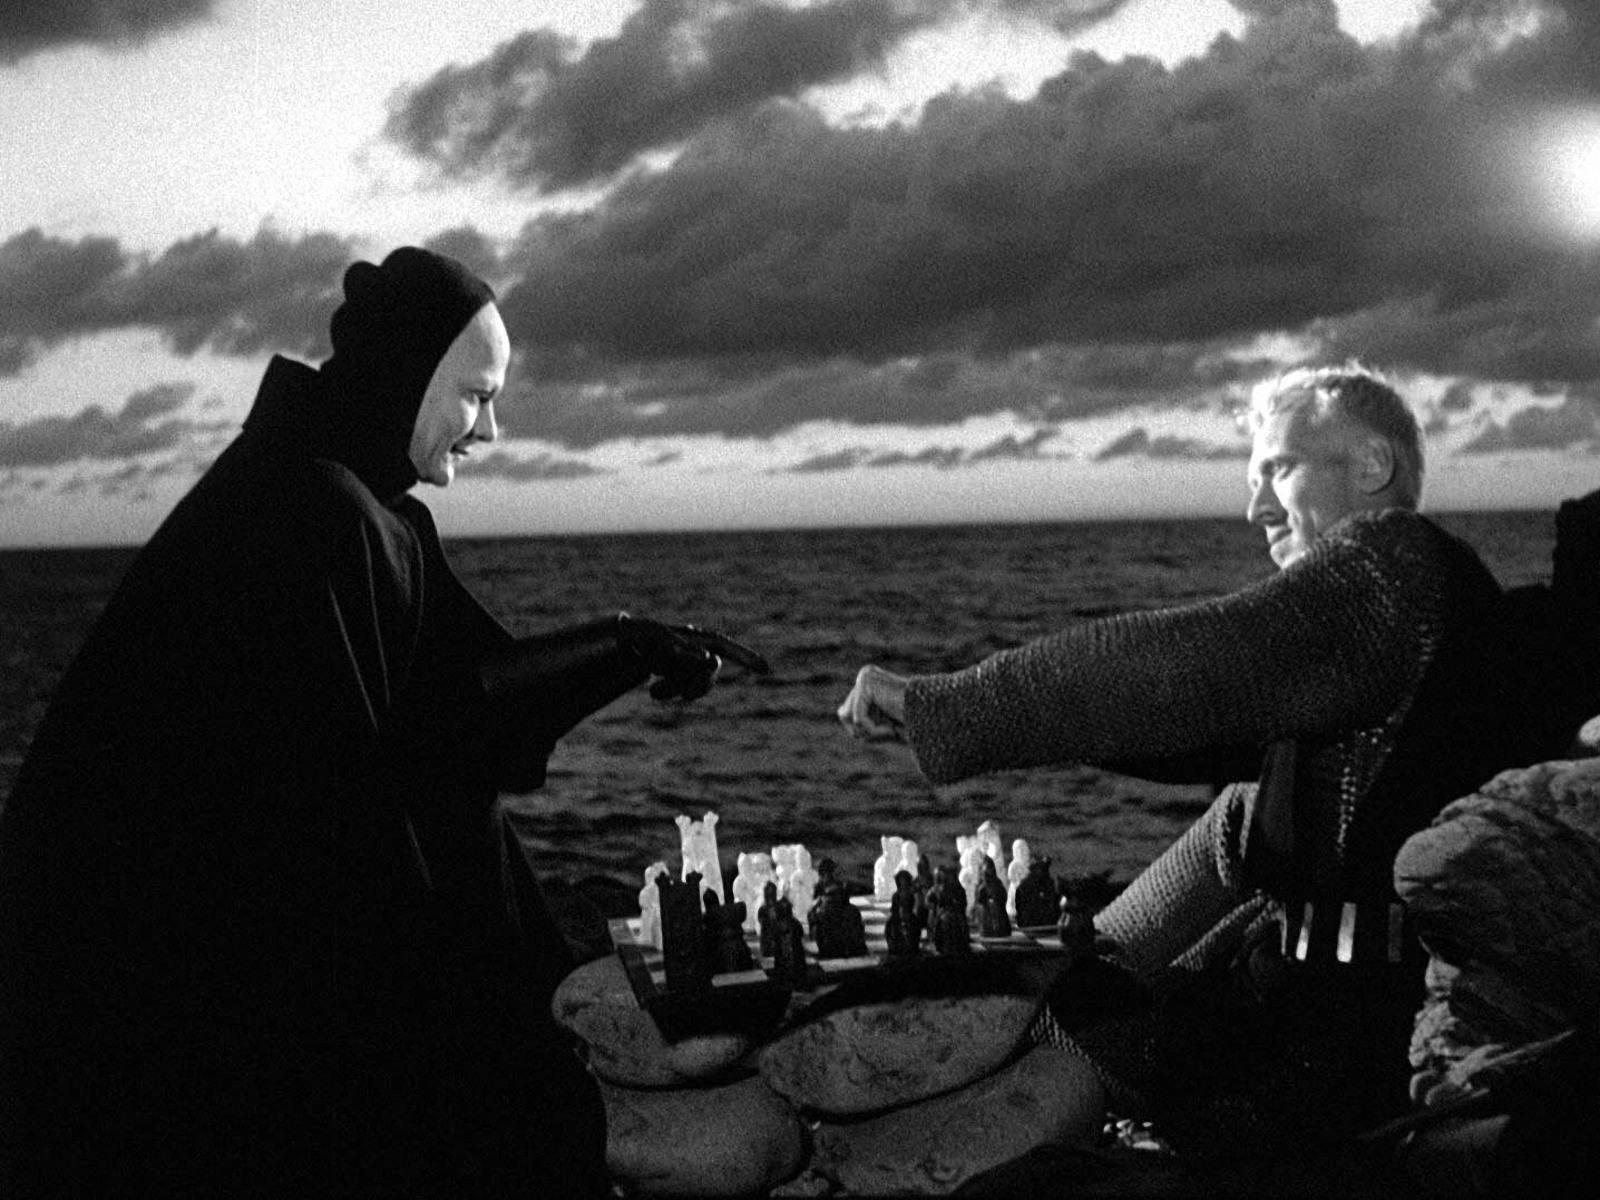 Смерть — википедия. что такое смерть